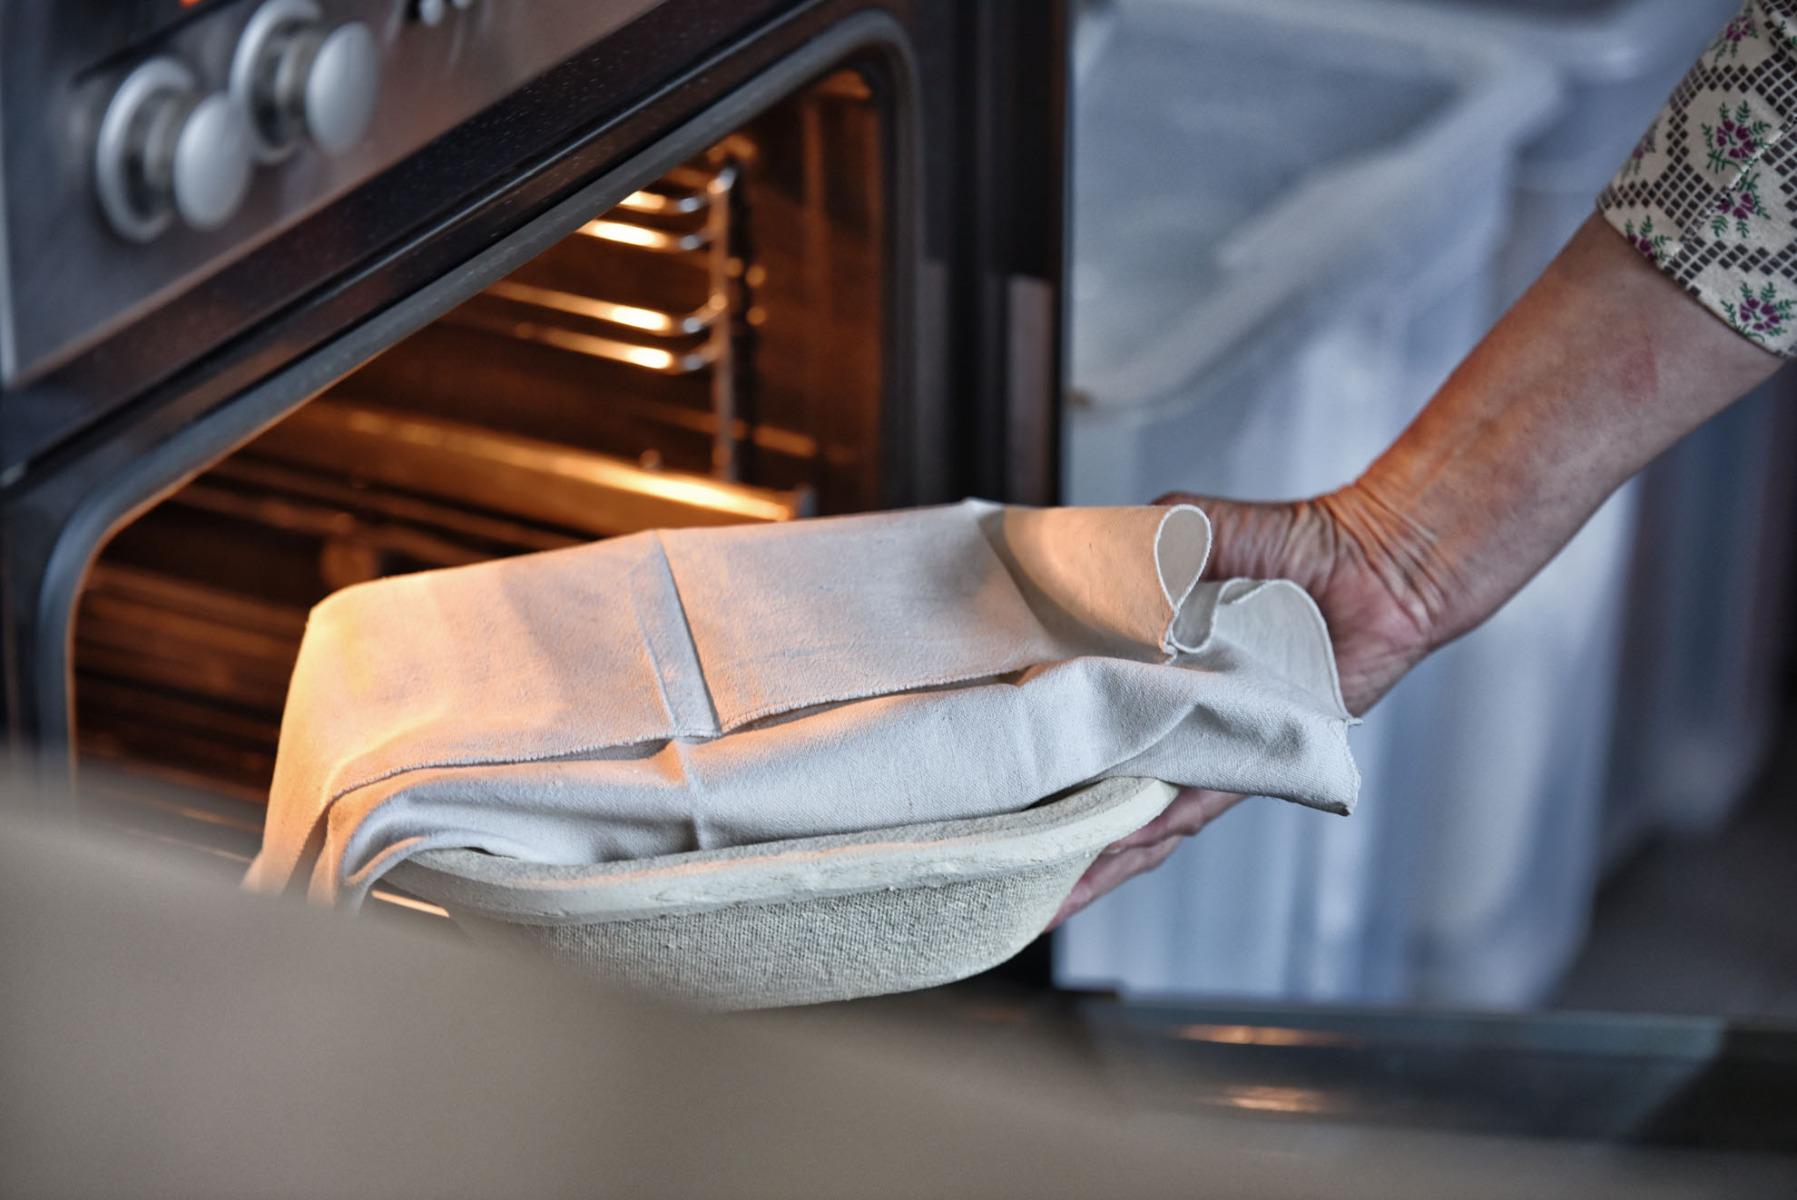 Brotteig-Vorbereitung - Teig zum Gehen im Gärkorb in den Ofen